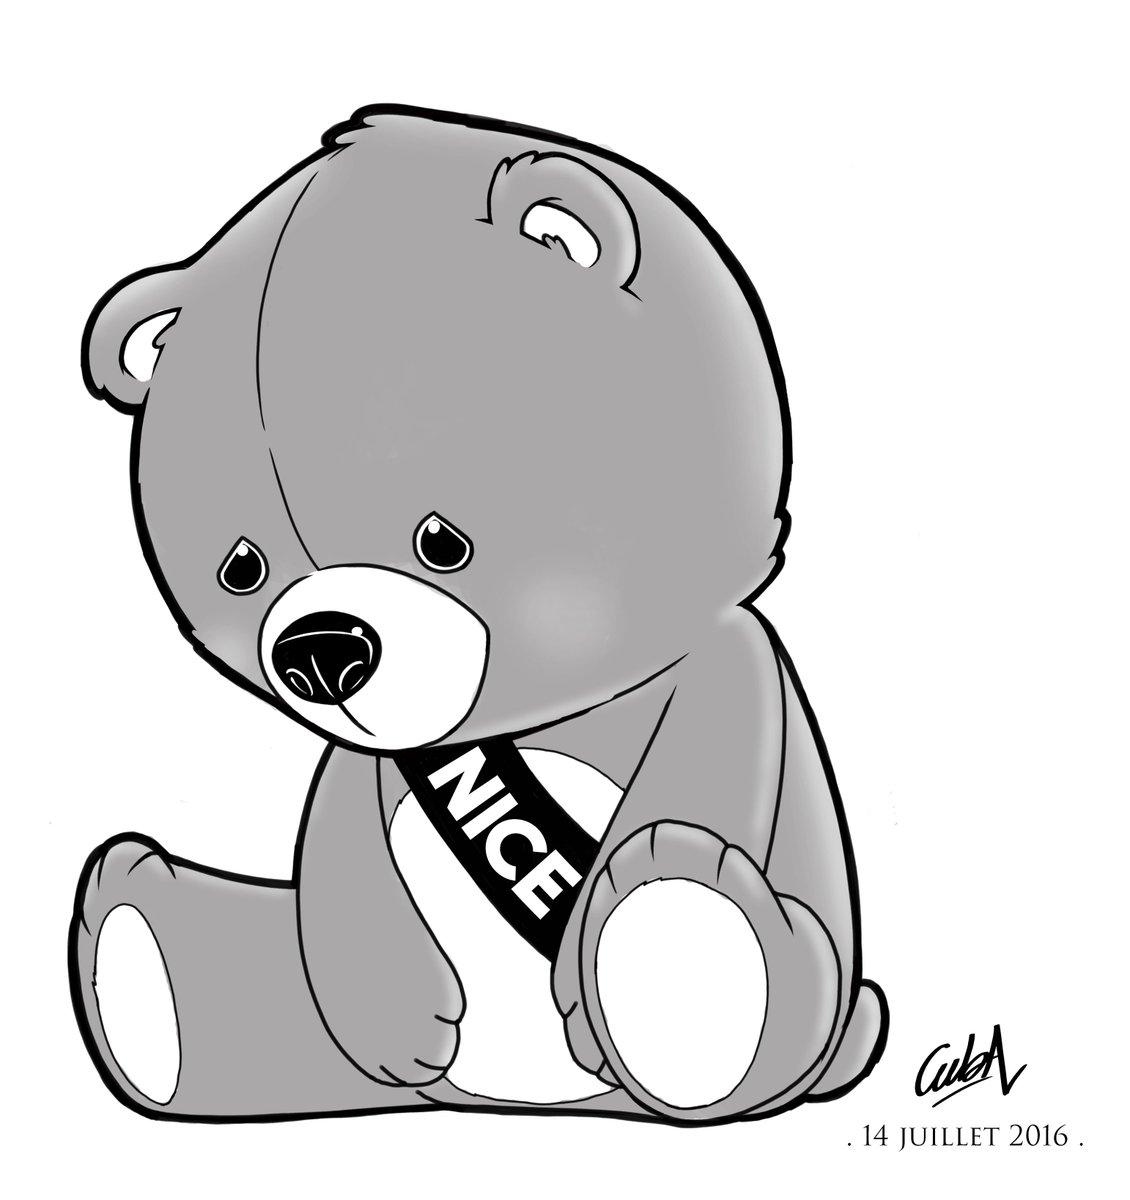 Dessin hommage l 39 ours en peluche de cedric nagau pour banlieuesc qui symbolise les enfants - Dessin ours en peluche ...